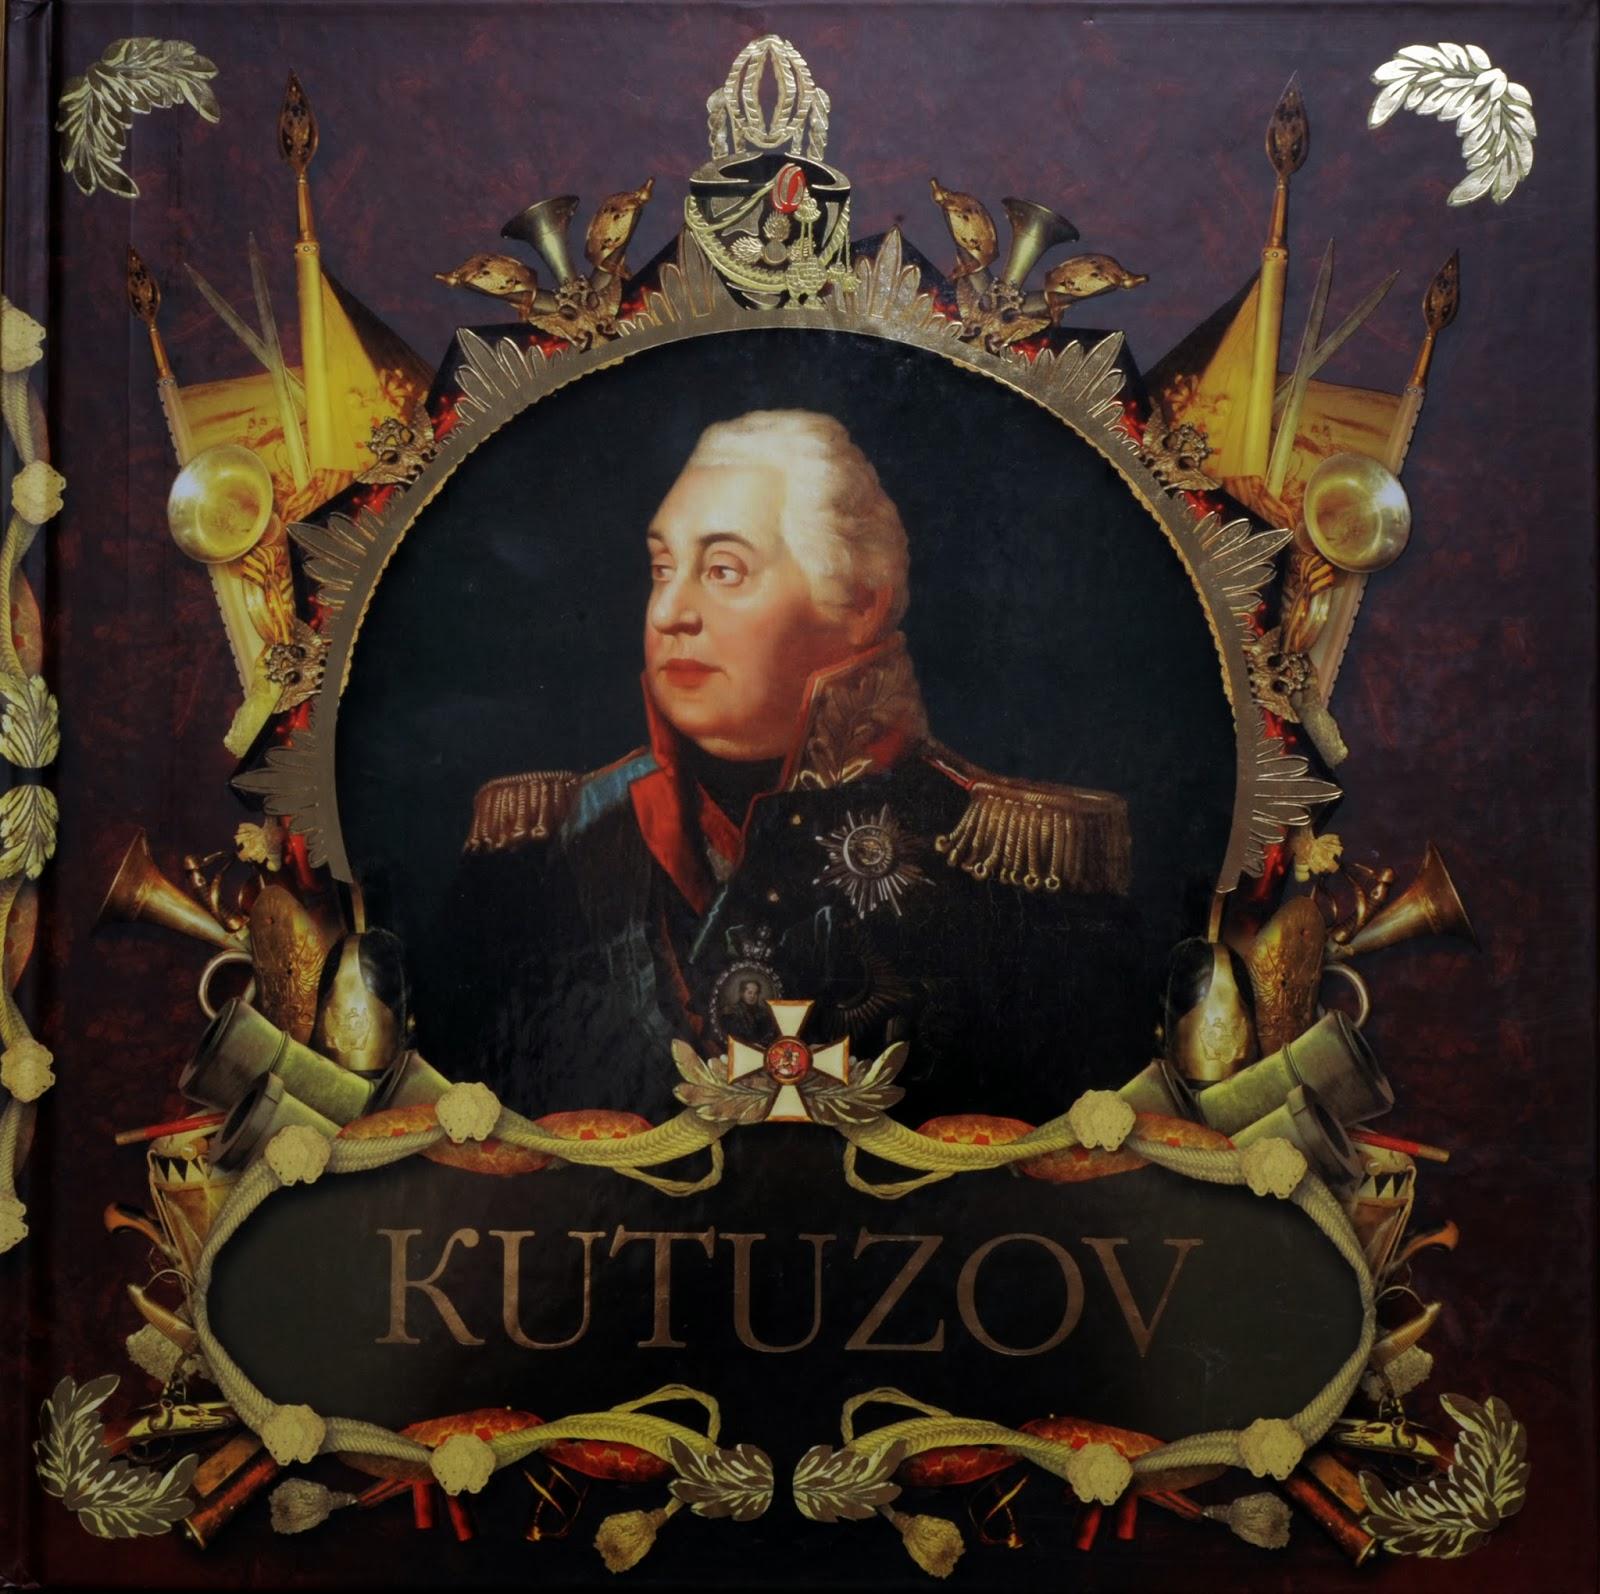 Mari comandanti de osti - Kutuzov